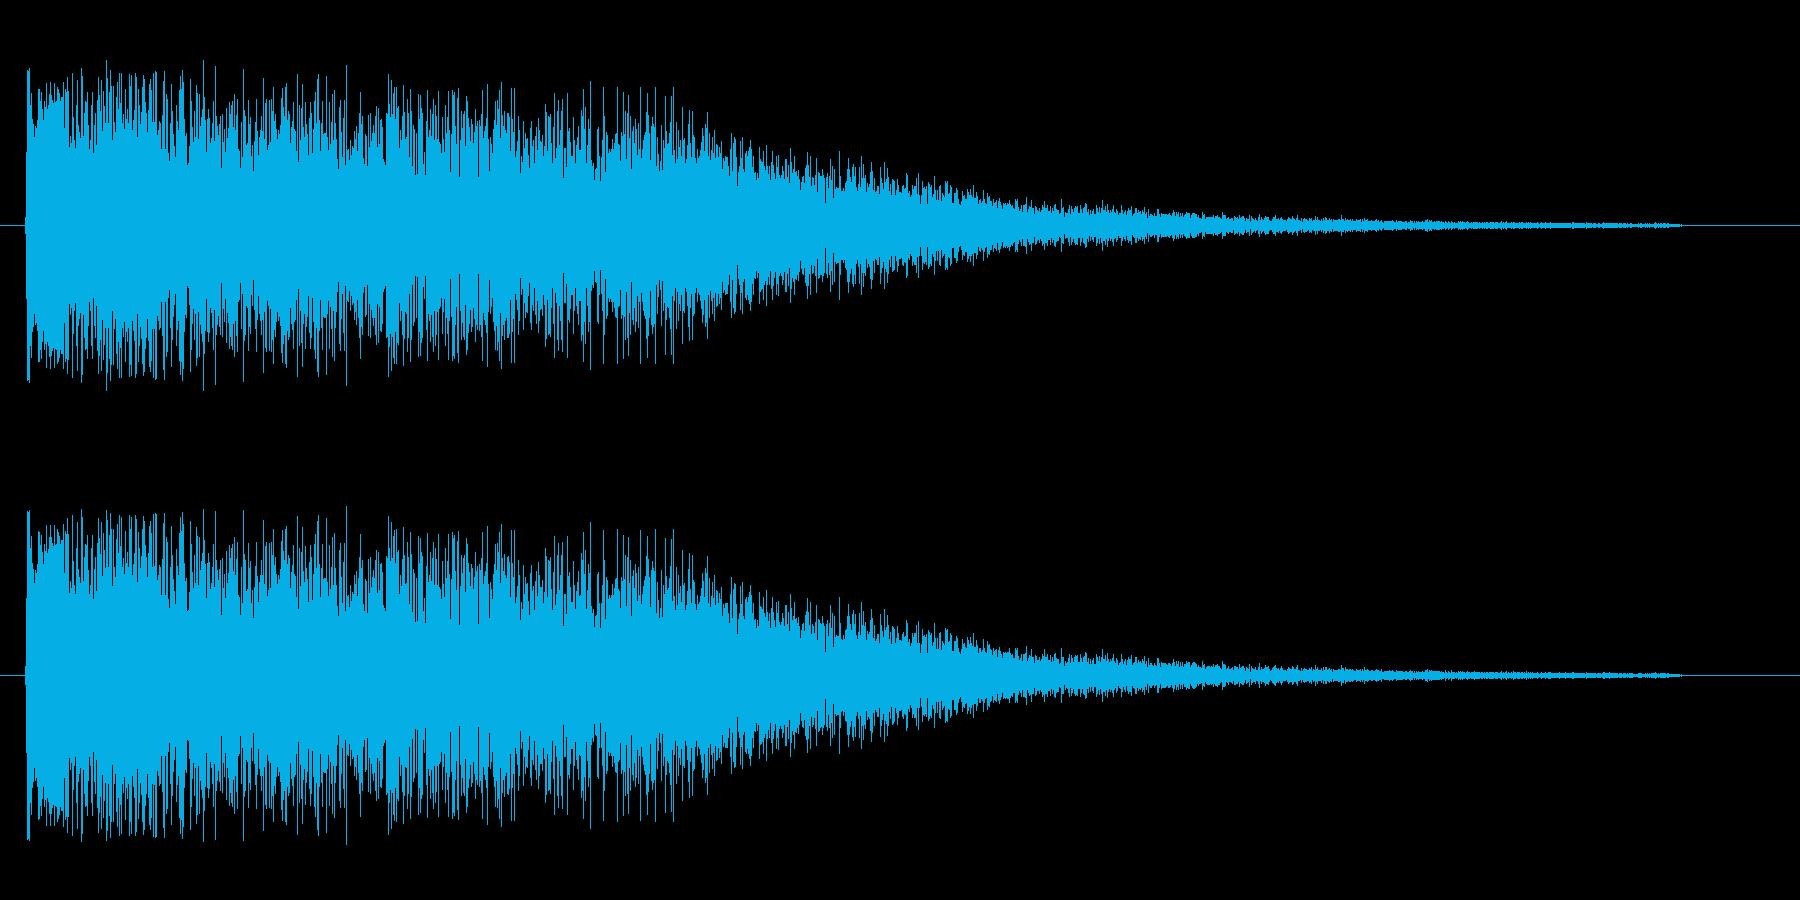 チュワワワワーン(高い)の再生済みの波形